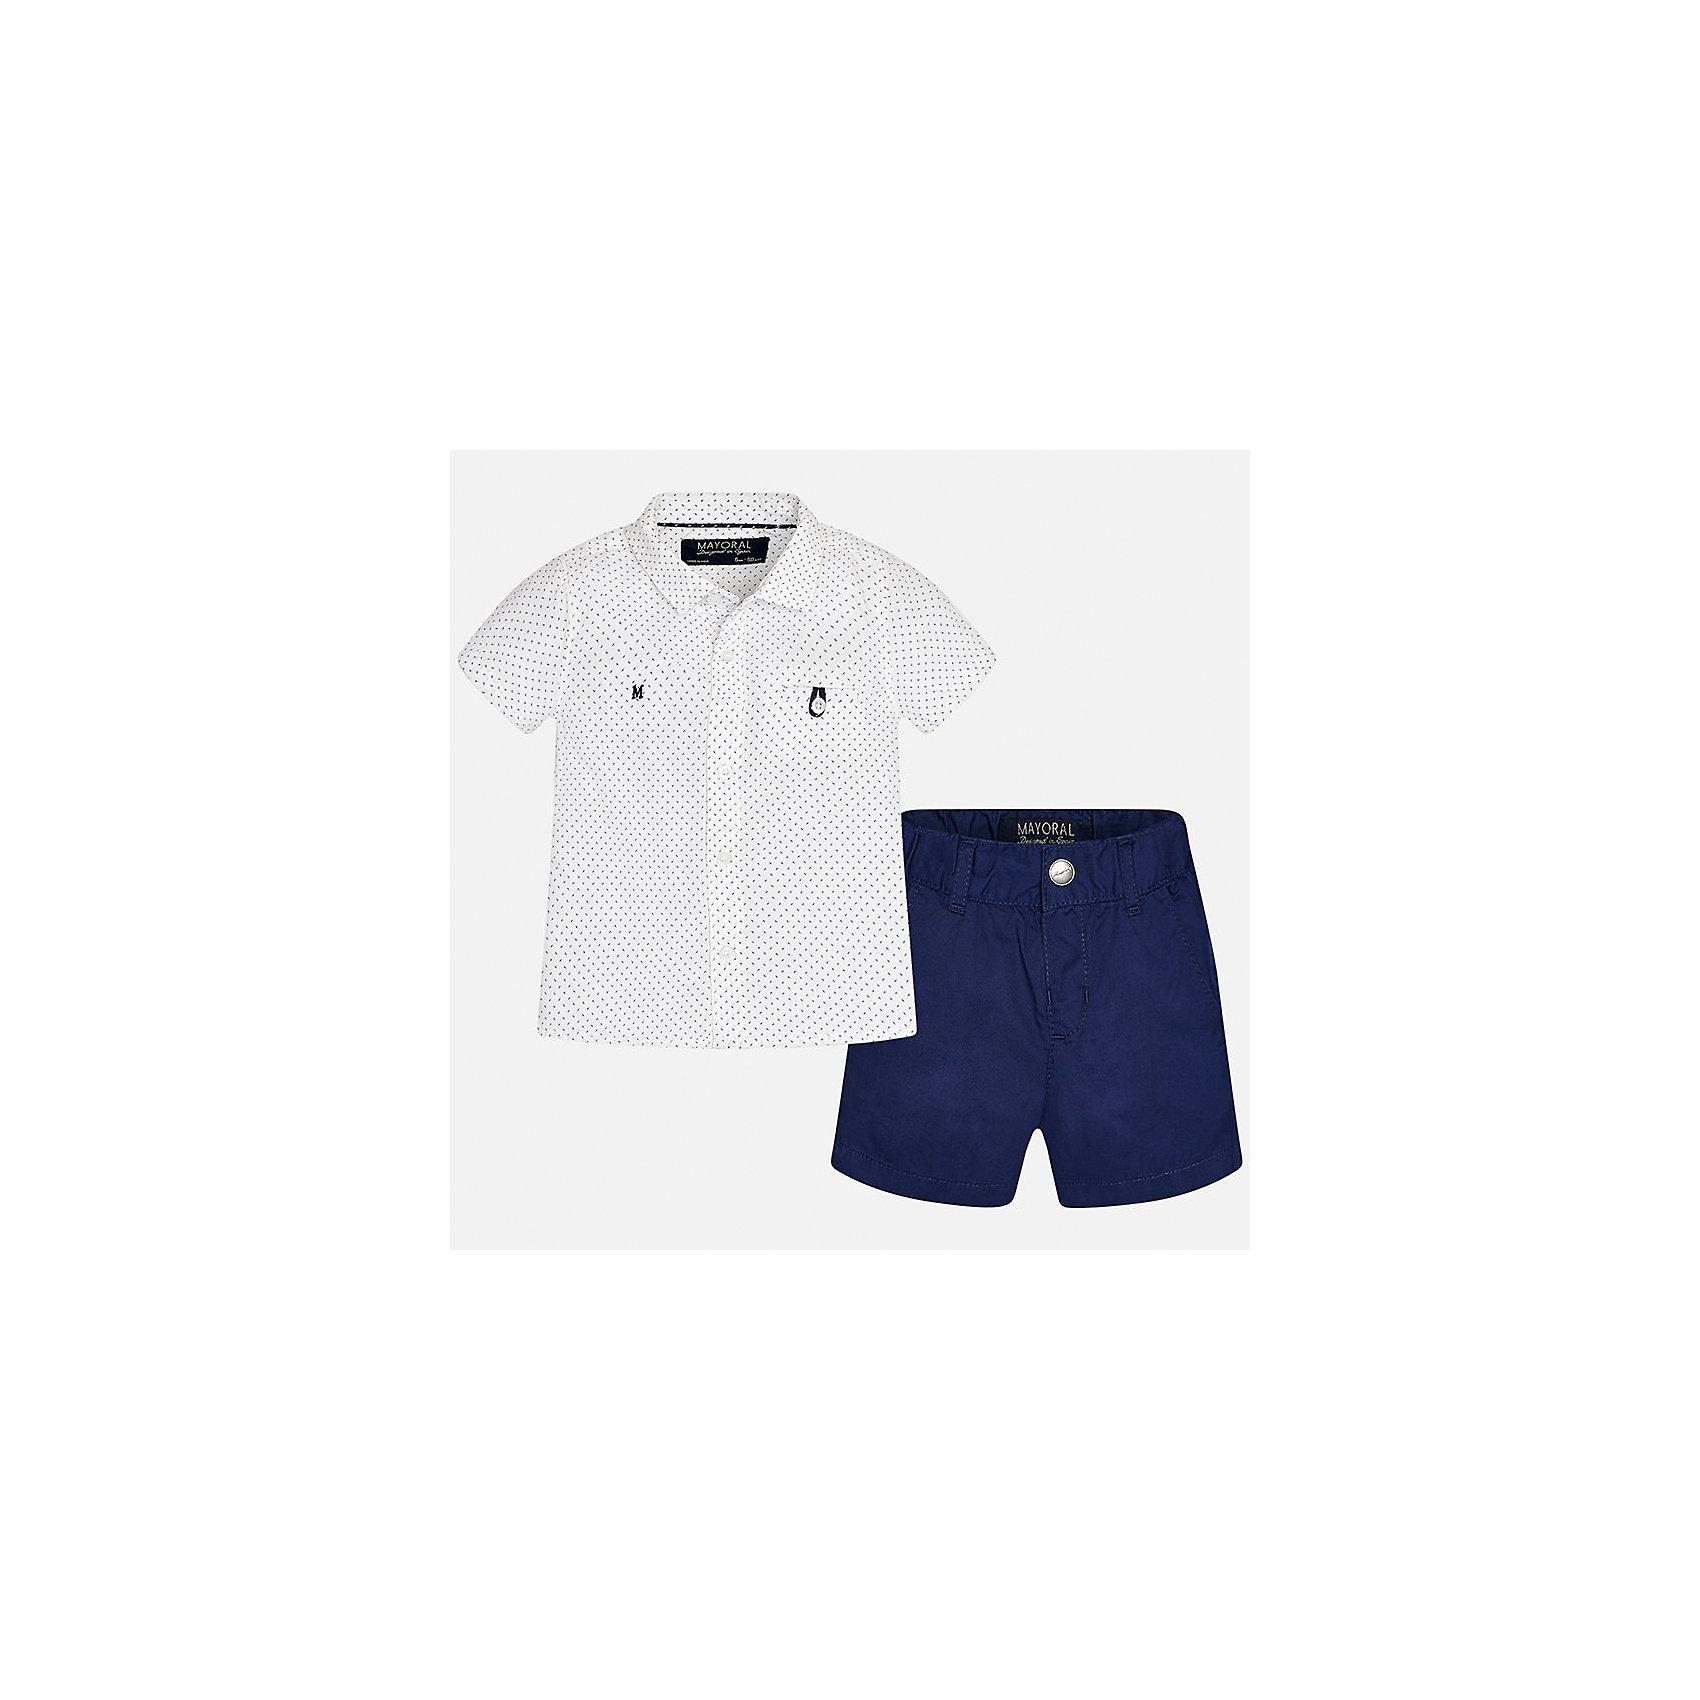 Комплект: шорты и рубашка для мальчика MayoralКомплекты<br>Характеристики товара:<br><br>• цвет: белый/синий<br>• состав: 100% хлопок<br>• комплектация: футболка, шорты<br>• рубашка декорирована вышивкой<br>• отложной воротник, короткие рукава<br>• шорты однотонные<br>• шлевки<br>• пояс регулируется<br>• страна бренда: Испания<br><br>Красивый качественный комплект для мальчика поможет разнообразить гардероб ребенка и удобно одеться в теплую погоду. Он отлично сочетается с другими предметами. Универсальный цвет позволяет подобрать к вещам верхнюю одежду практически любой расцветки. Интересная отделка модели делает её нарядной и оригинальной. В составе материала - только натуральный хлопок, гипоаллергенный, приятный на ощупь, дышащий.<br><br>Одежда, обувь и аксессуары от испанского бренда Mayoral полюбились детям и взрослым по всему миру. Модели этой марки - стильные и удобные. Для их производства используются только безопасные, качественные материалы и фурнитура. Порадуйте ребенка модными и красивыми вещами от Mayoral! <br><br>Комплект для мальчика от испанского бренда Mayoral (Майорал) можно купить в нашем интернет-магазине.<br><br>Ширина мм: 191<br>Глубина мм: 10<br>Высота мм: 175<br>Вес г: 273<br>Цвет: черный<br>Возраст от месяцев: 12<br>Возраст до месяцев: 18<br>Пол: Мужской<br>Возраст: Детский<br>Размер: 86,80,92,74<br>SKU: 5279527